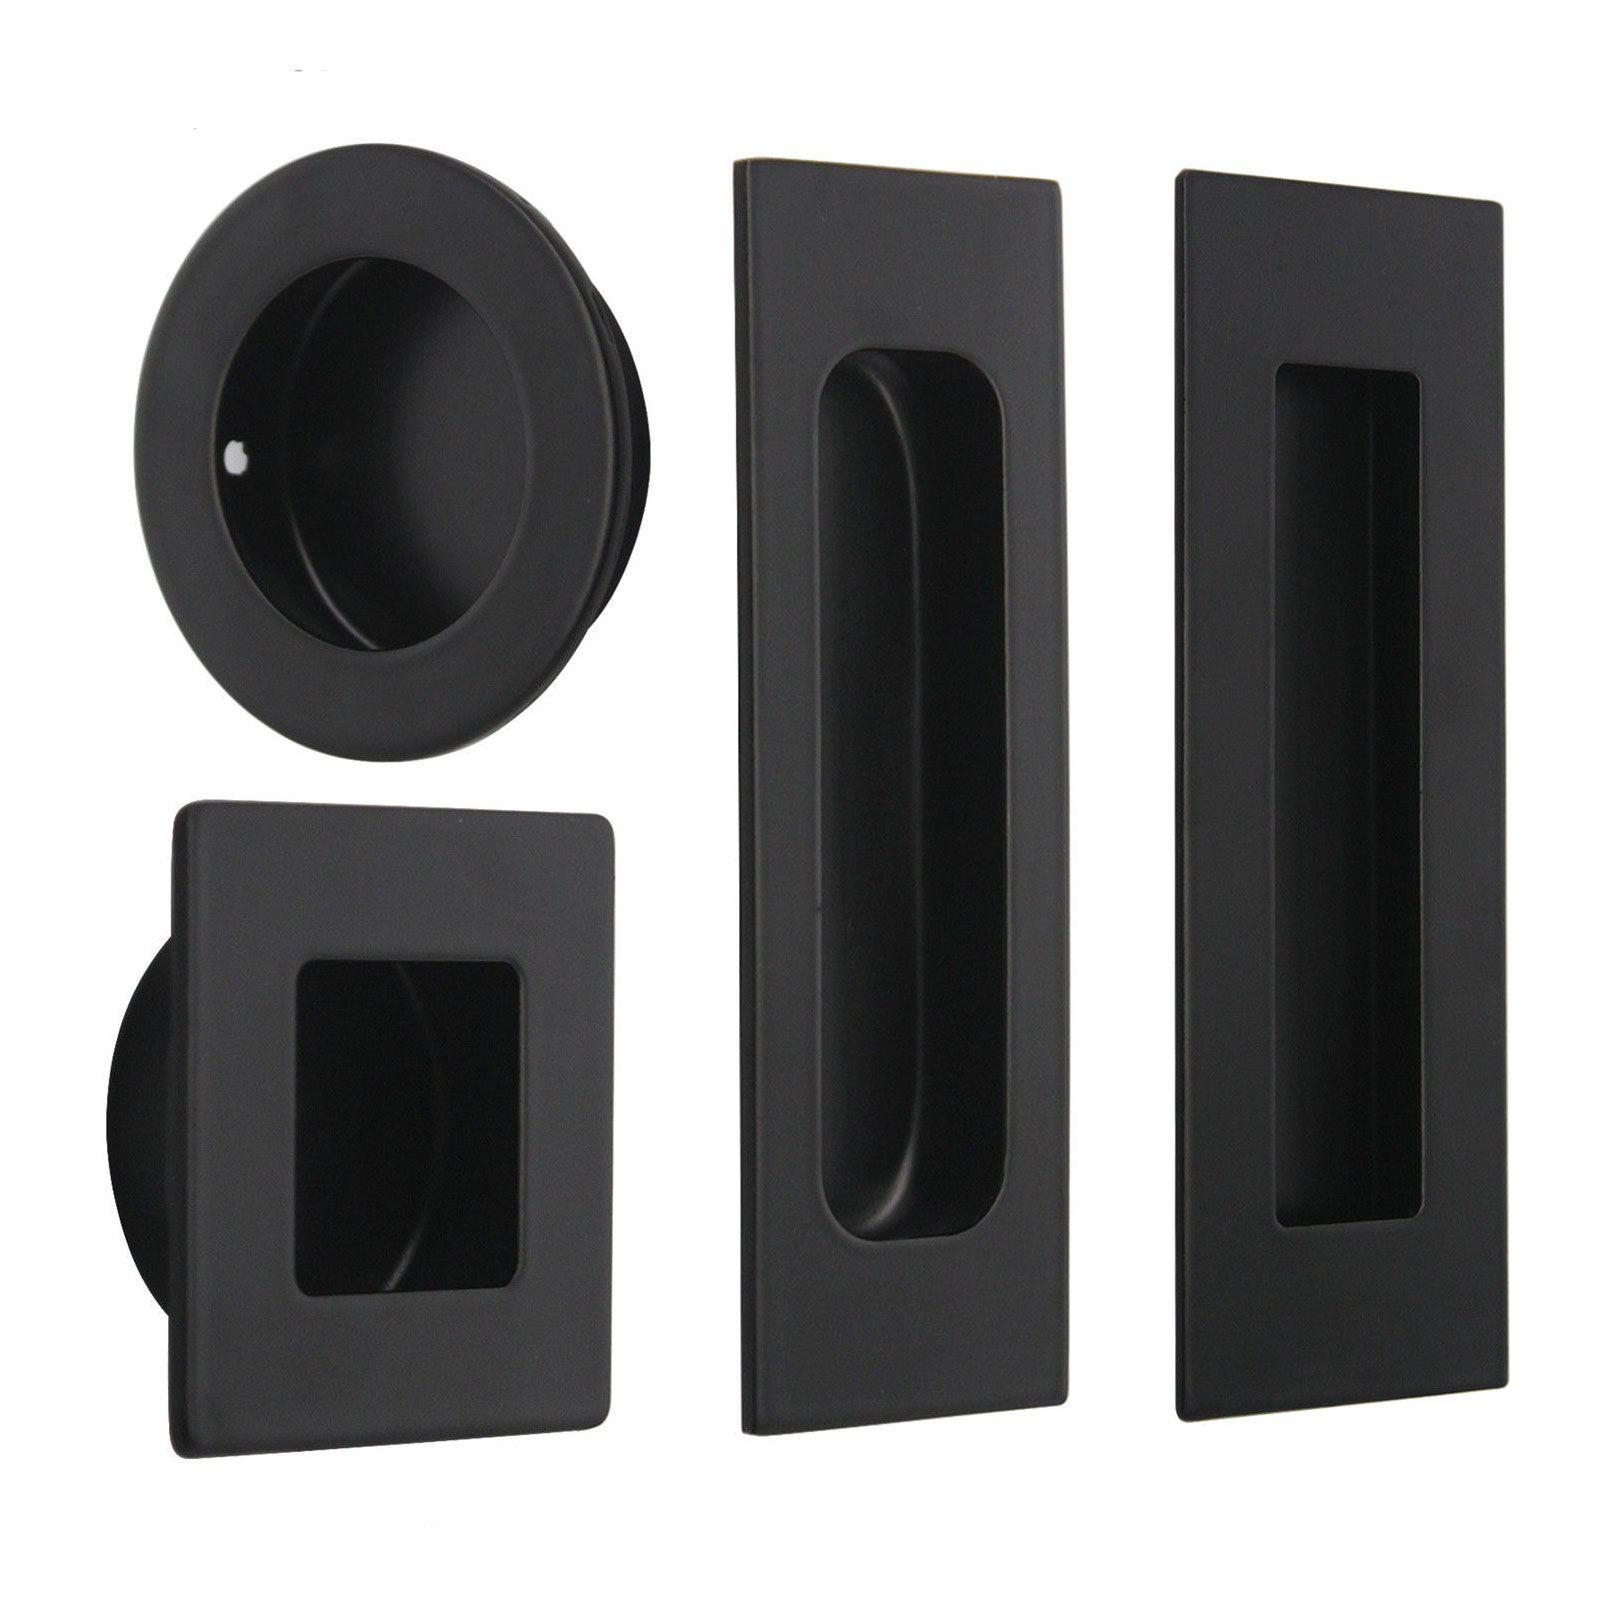 Probrico Black Finish Flush Door Pull Recessed Cabinet Handles Sliding Barn Door Handles Door Handles Cabinet Handles Hardware